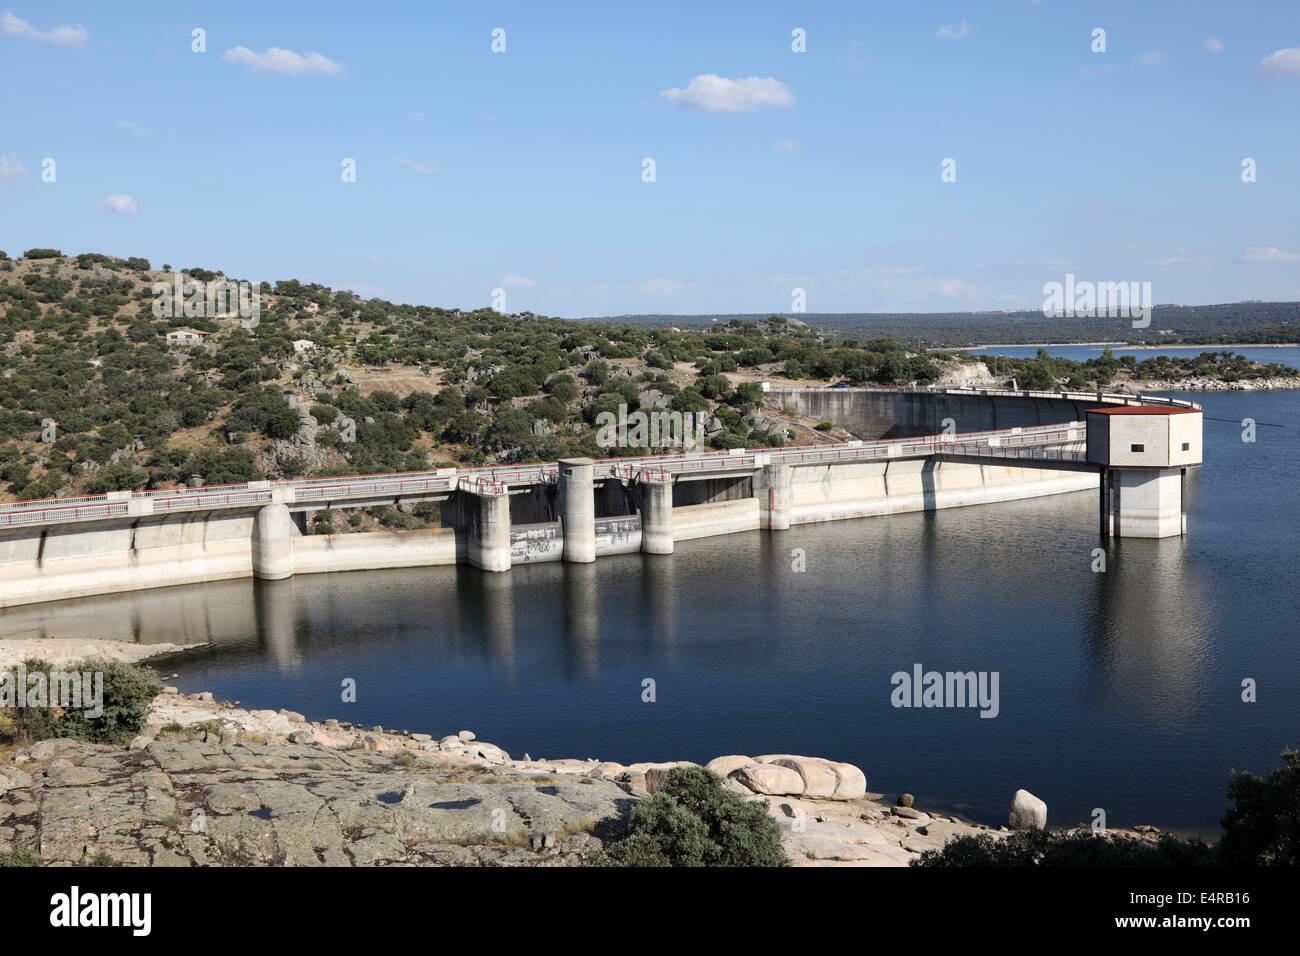 Dam at river Adaja near Avila, province Castilla y Leon, Spain - Stock Image